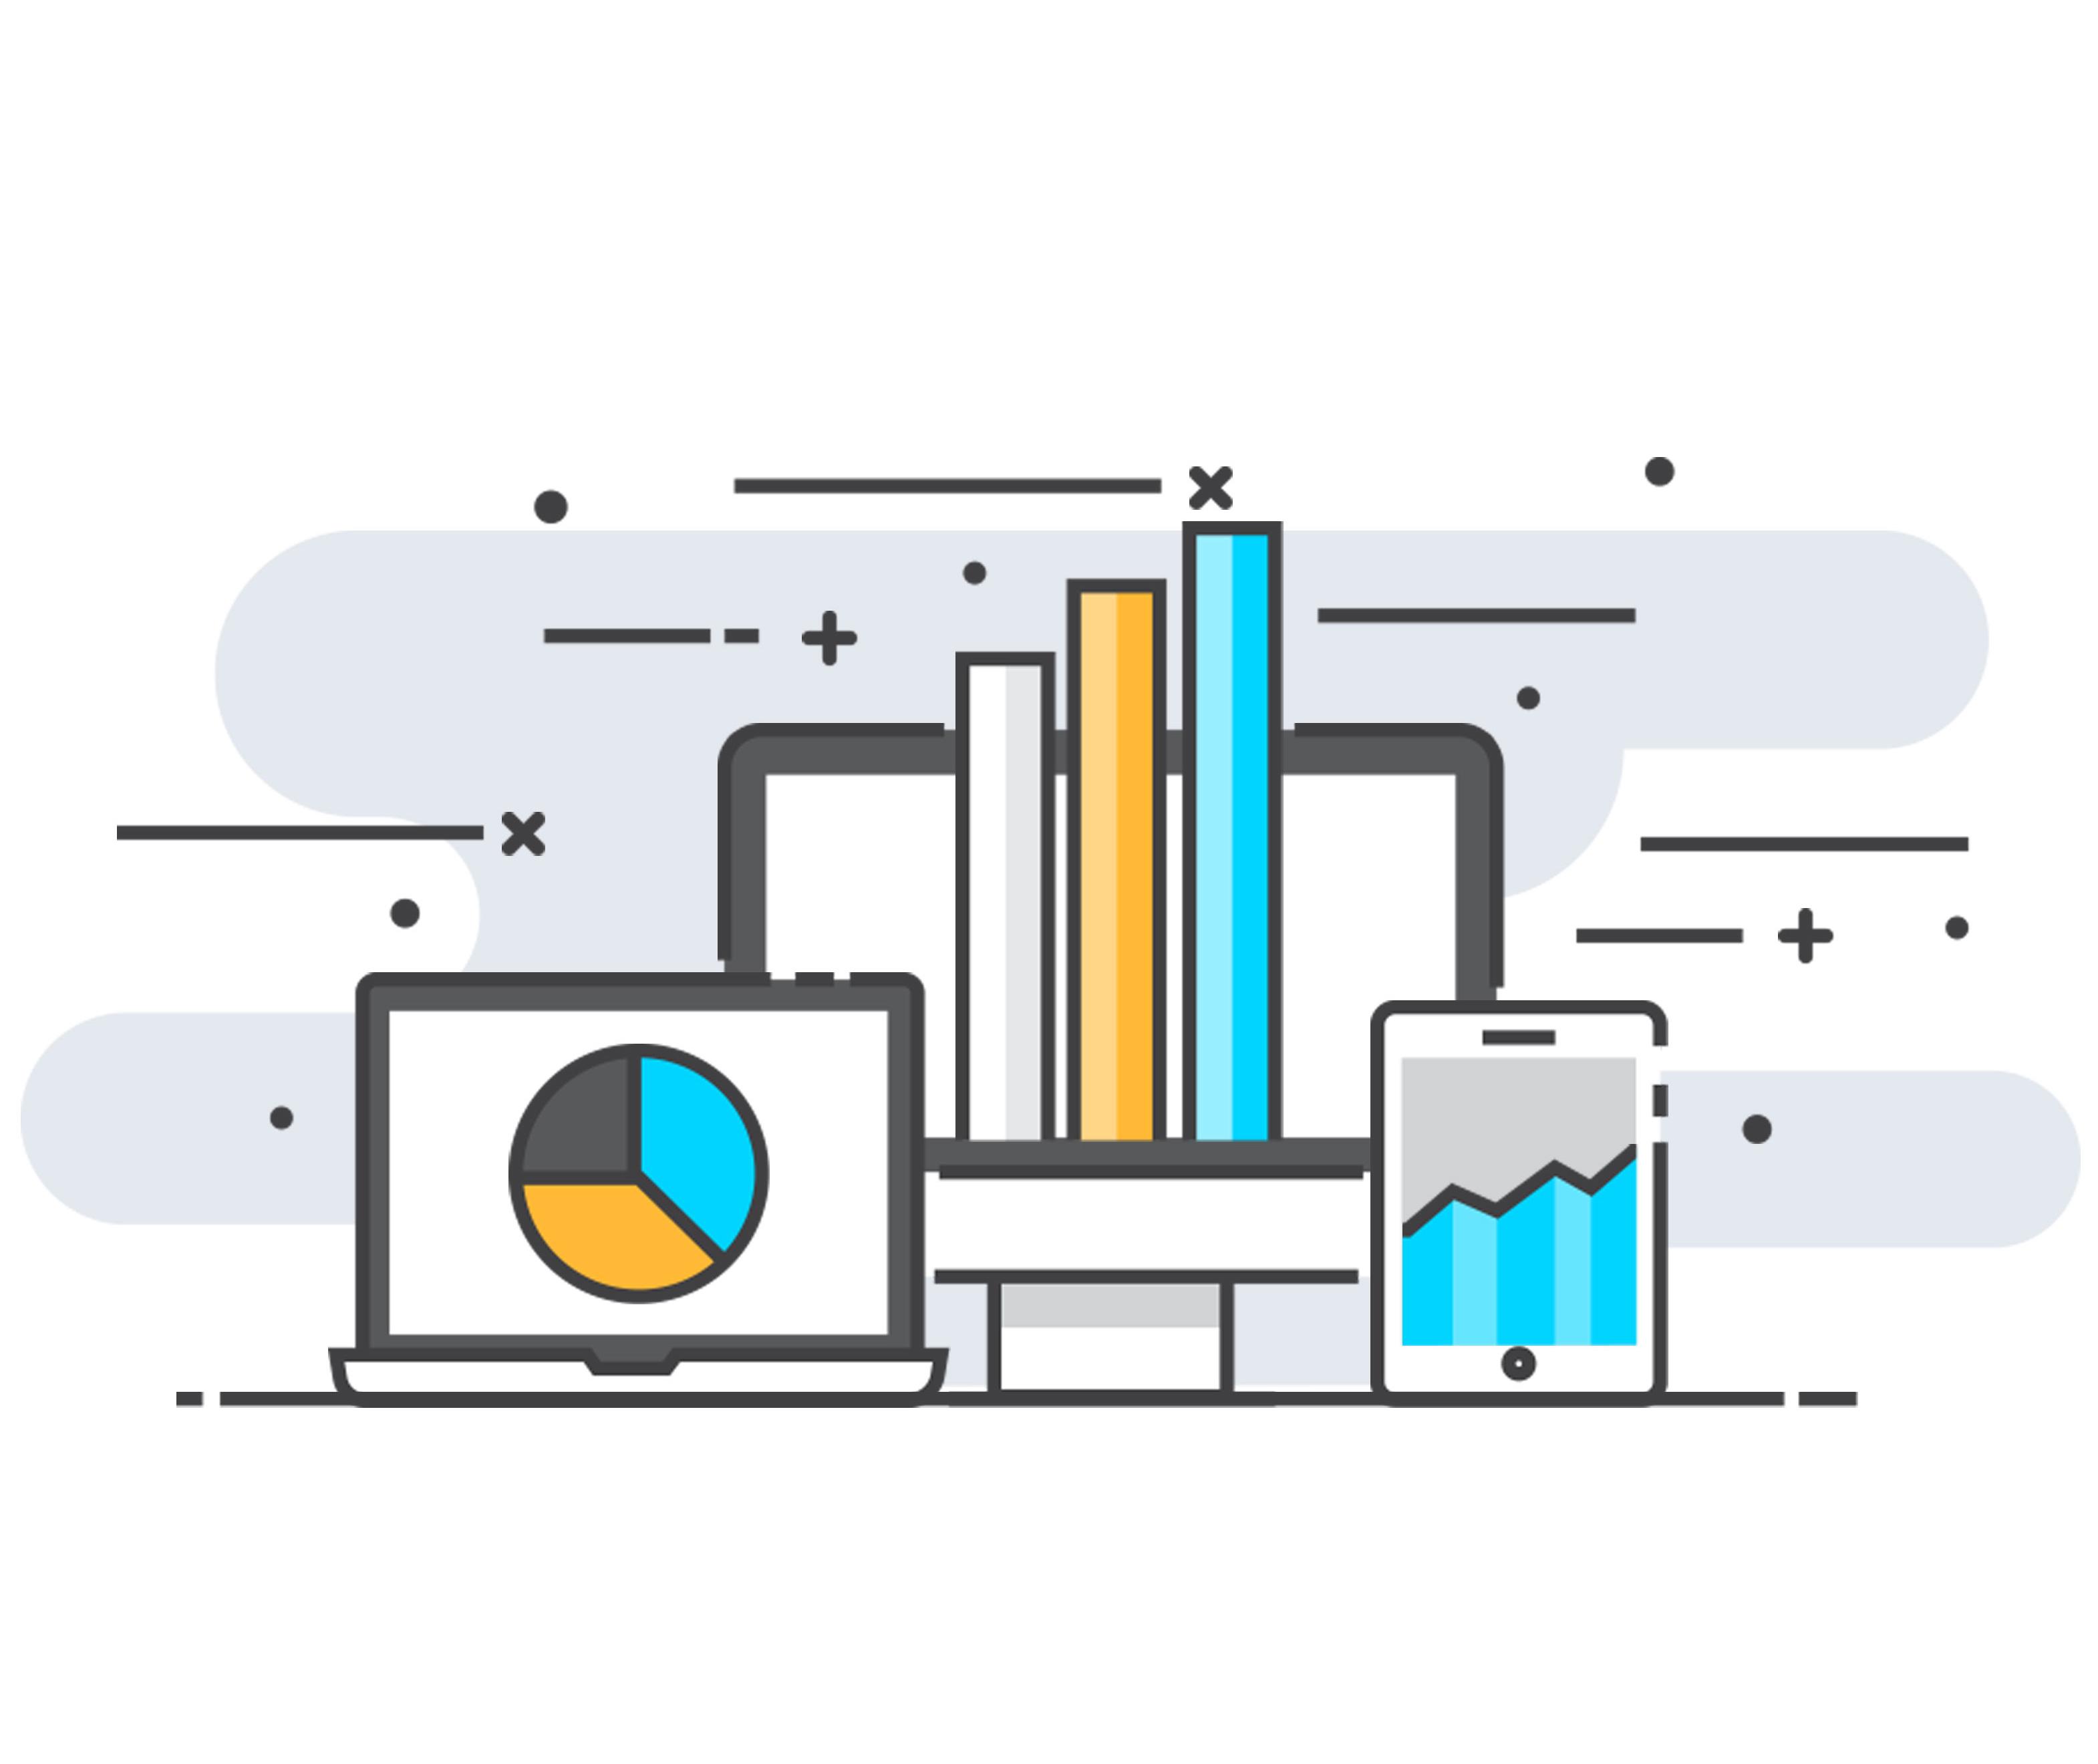 STLR-Analysis